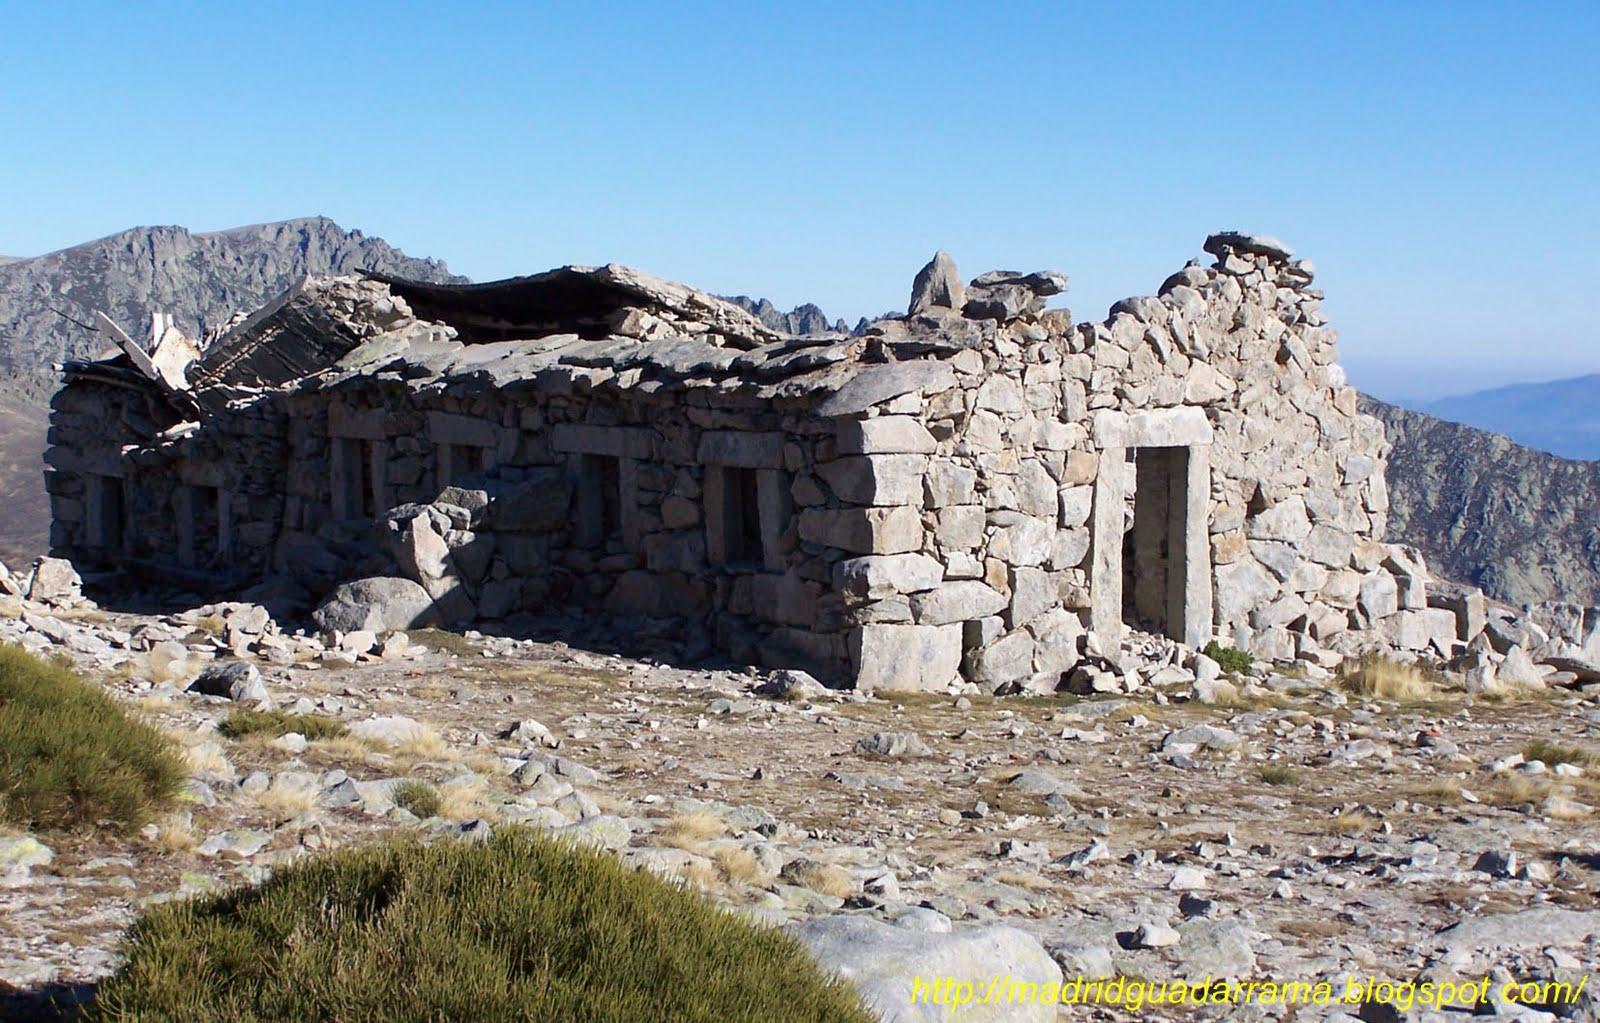 la sierra de gredos se encuentra enclavada en la comunidad autnoma de castilla y leon abundan los refugios la mayoria abandonados as como las cabras